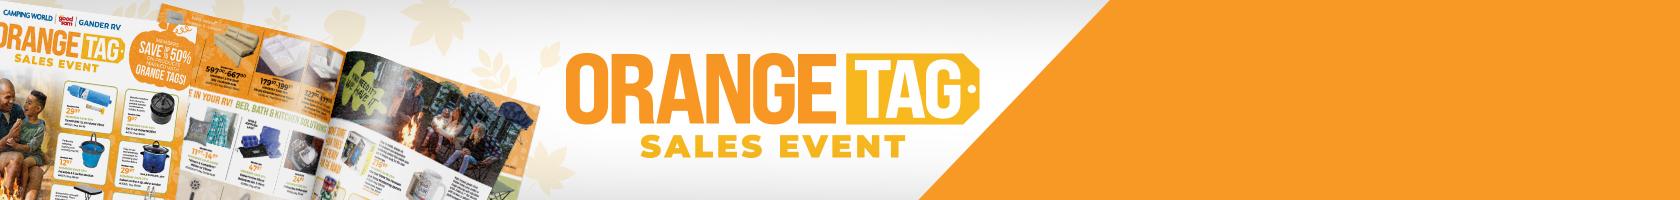 Orange Tag Sales Event